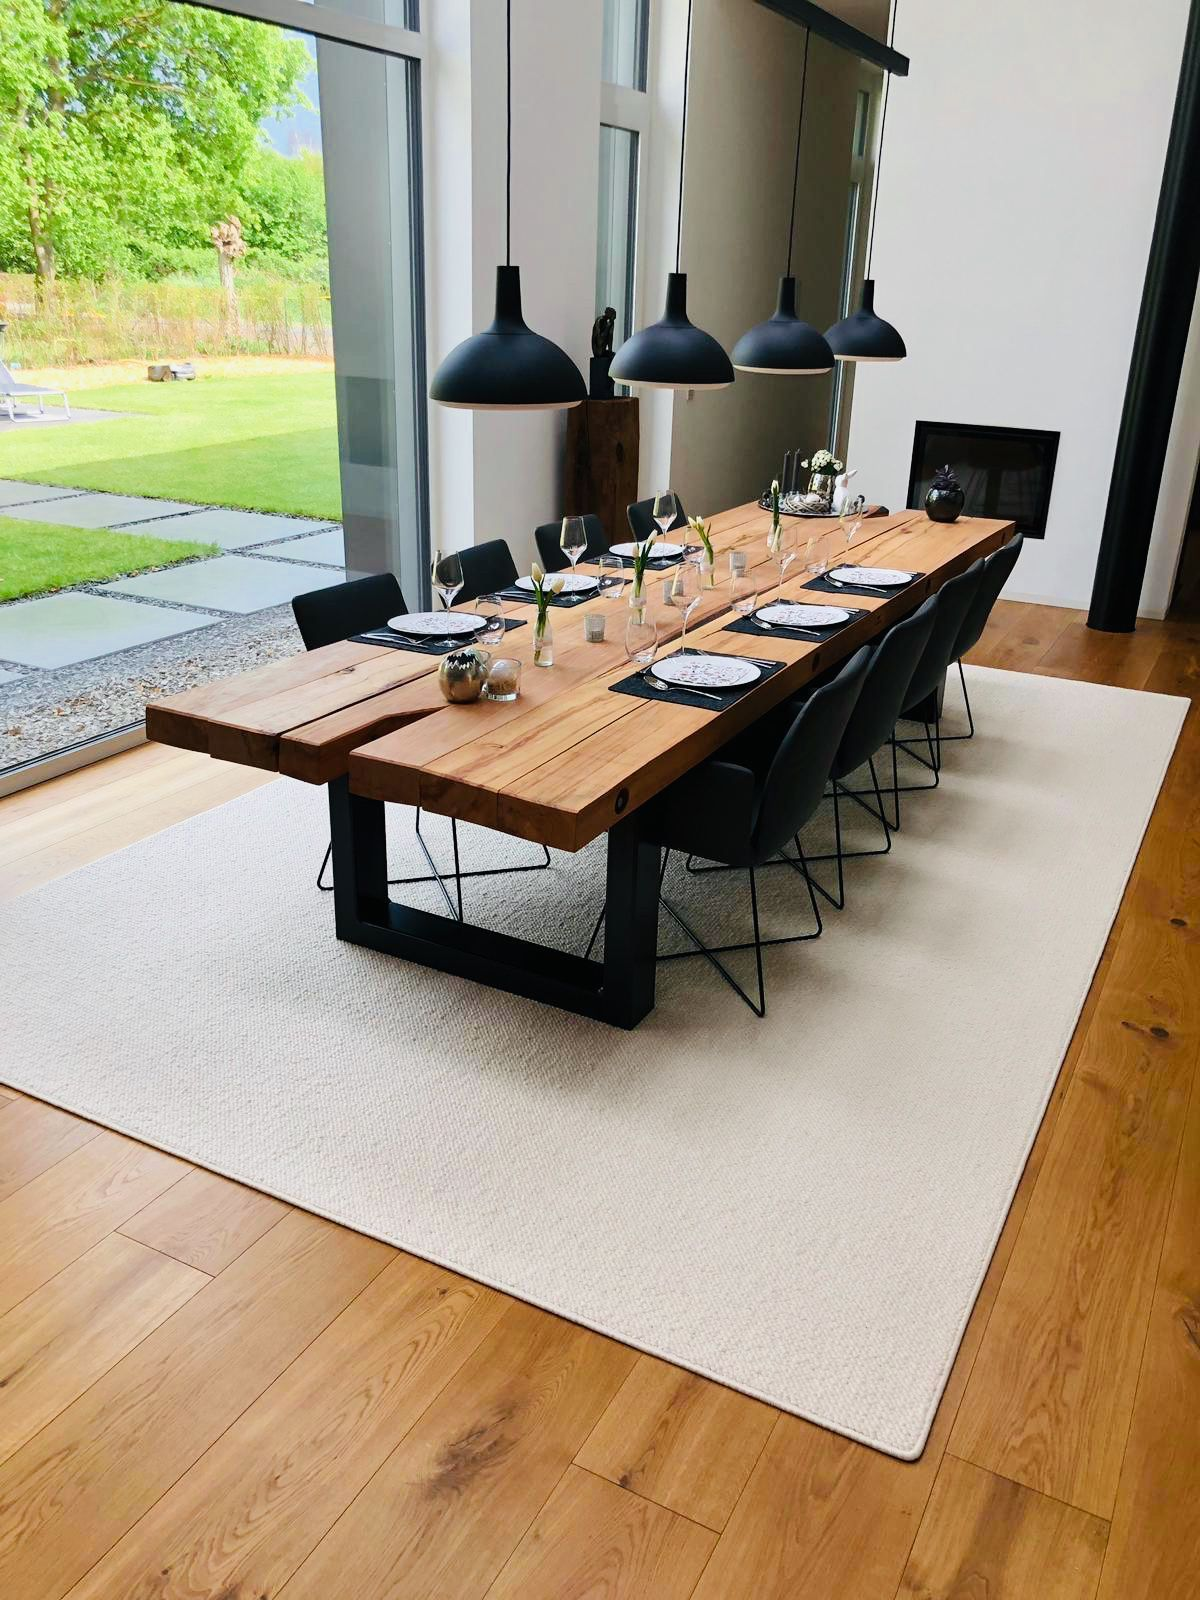 Tischlein deck dich! – Mein Blog